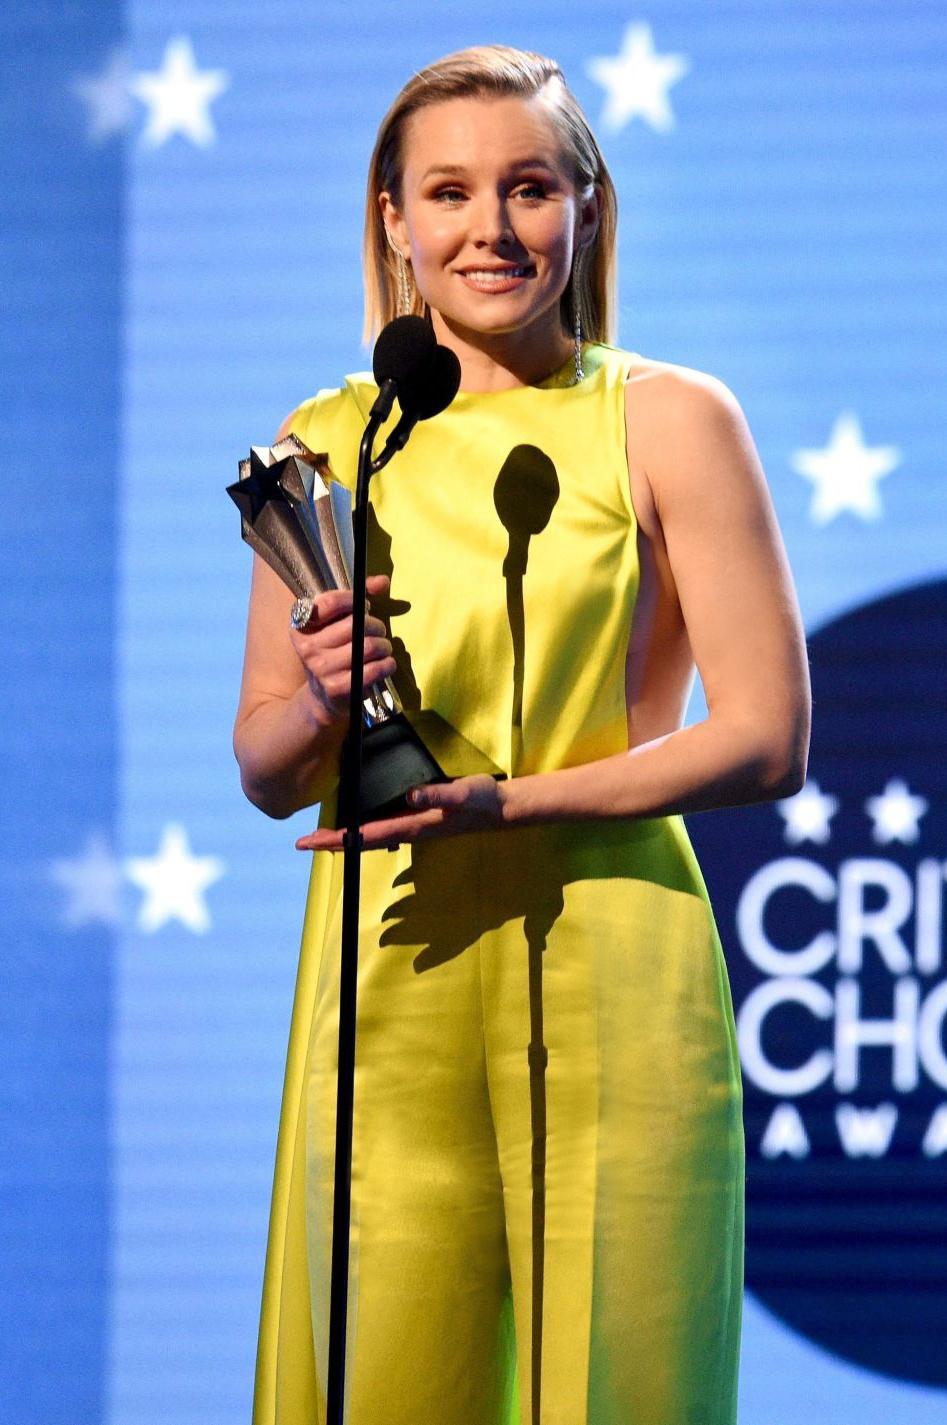 Mới đây, trong lễ trao giải Critic's Choi Award 2020 vừa diễn ra, nữ diễn viên kiêm ca sĩ nổi tiếng người Mỹ - Kristen Bell đã được trao giải #SeeHer nhằm tôn vinh những người phụ nữ dám phá vỡ giới hạn, vượt ra khỏi rào cản định kiến về giới trong ngành giải trí.